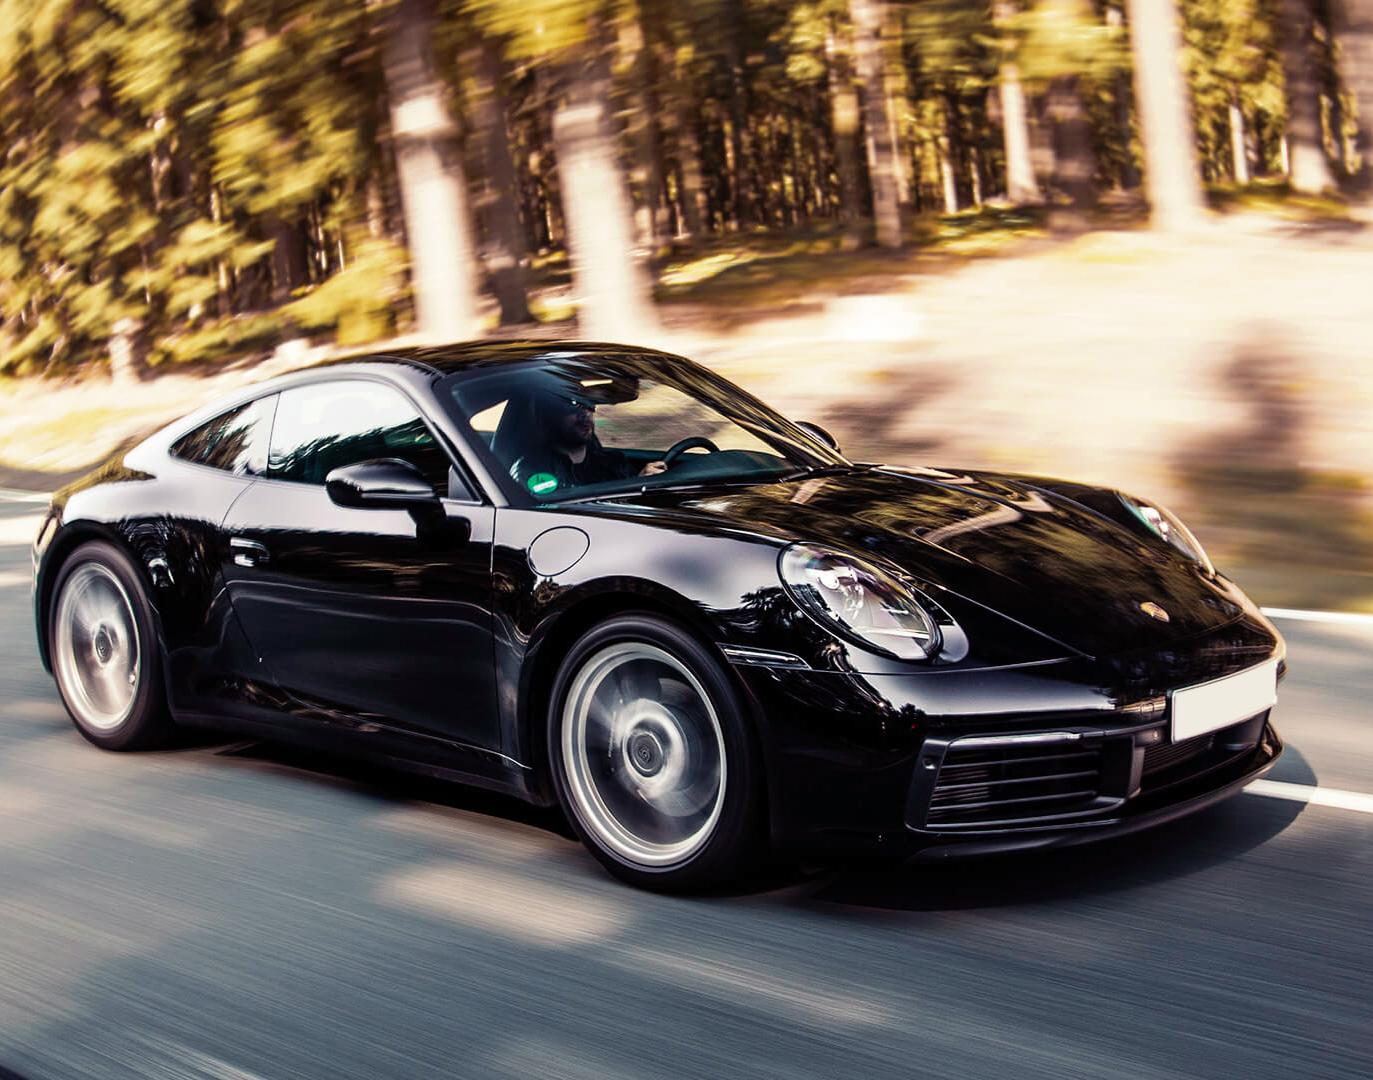 Porsche 911 Carrera fahren (1Tag) Frankfurt am Main Porsche 922 - 1 Tag